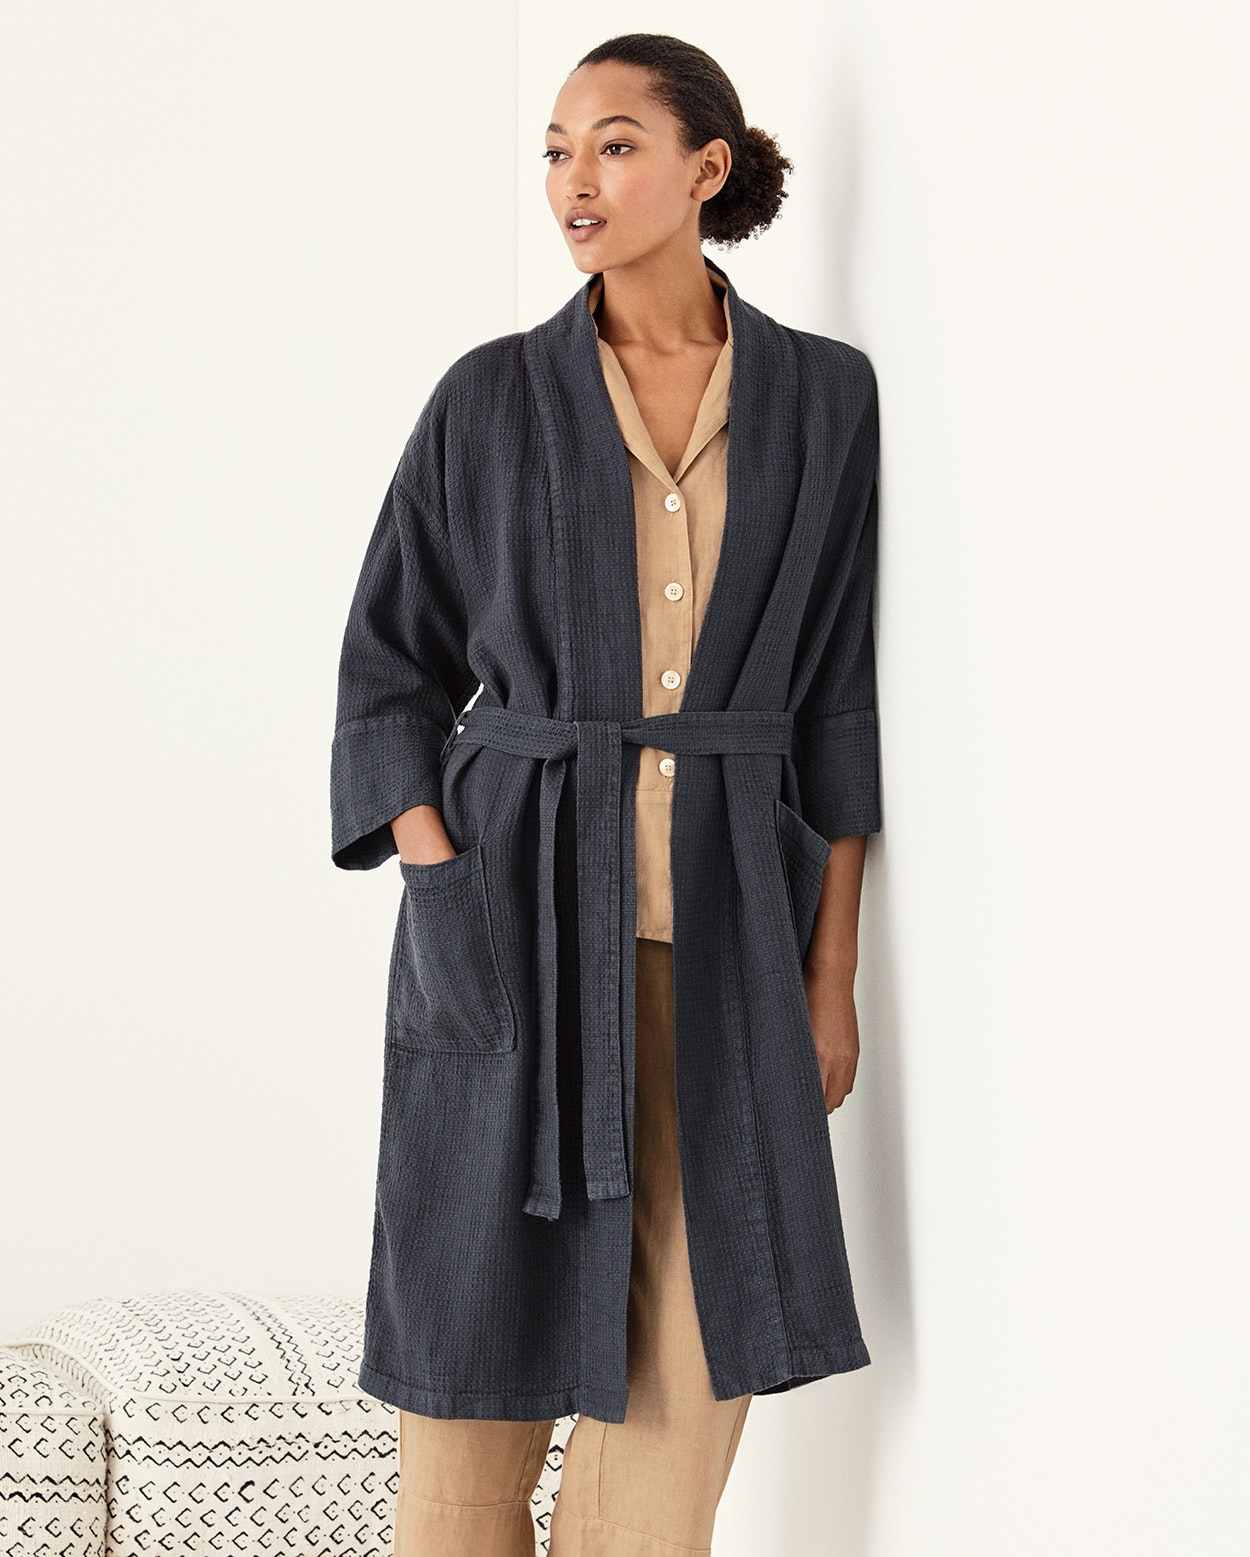 Poetry - Textured linen robe